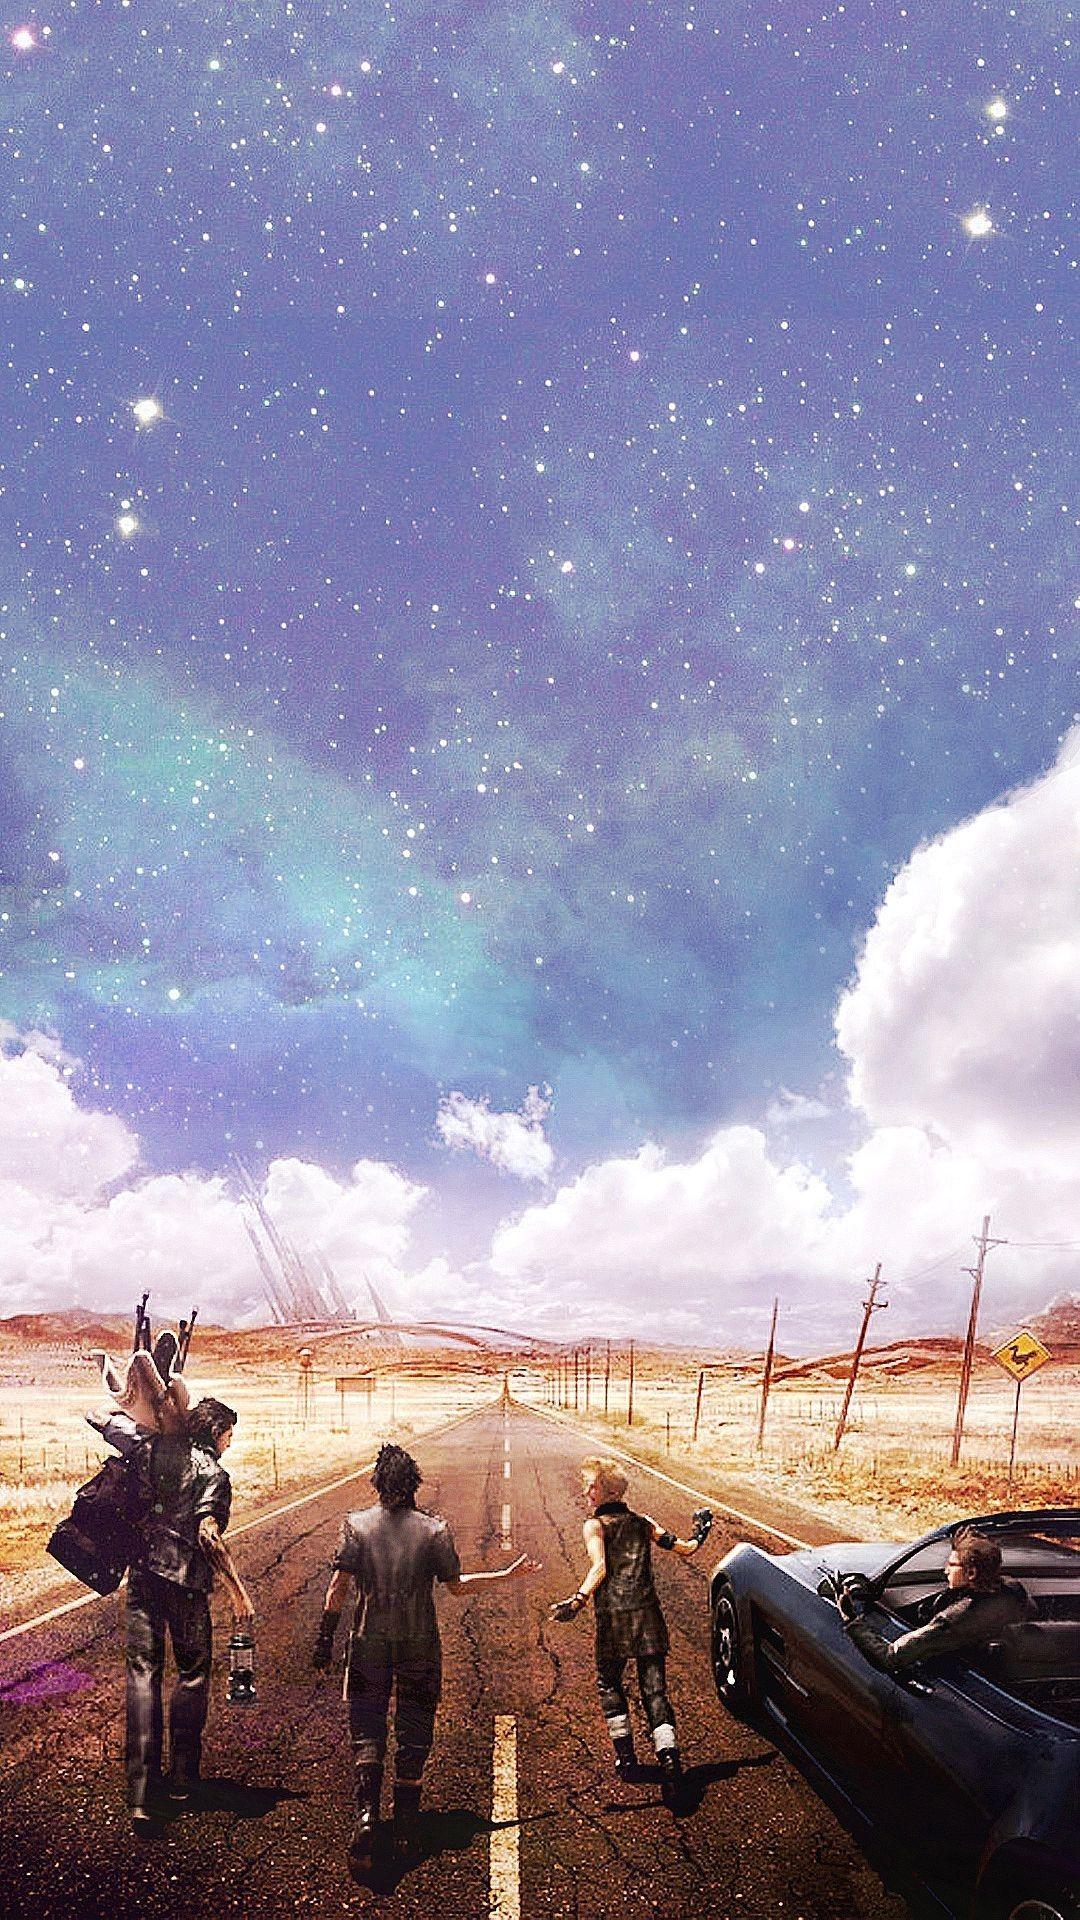 10 Best Final Fantasy Xv Phone Wallpaper FULL HD 1080p For